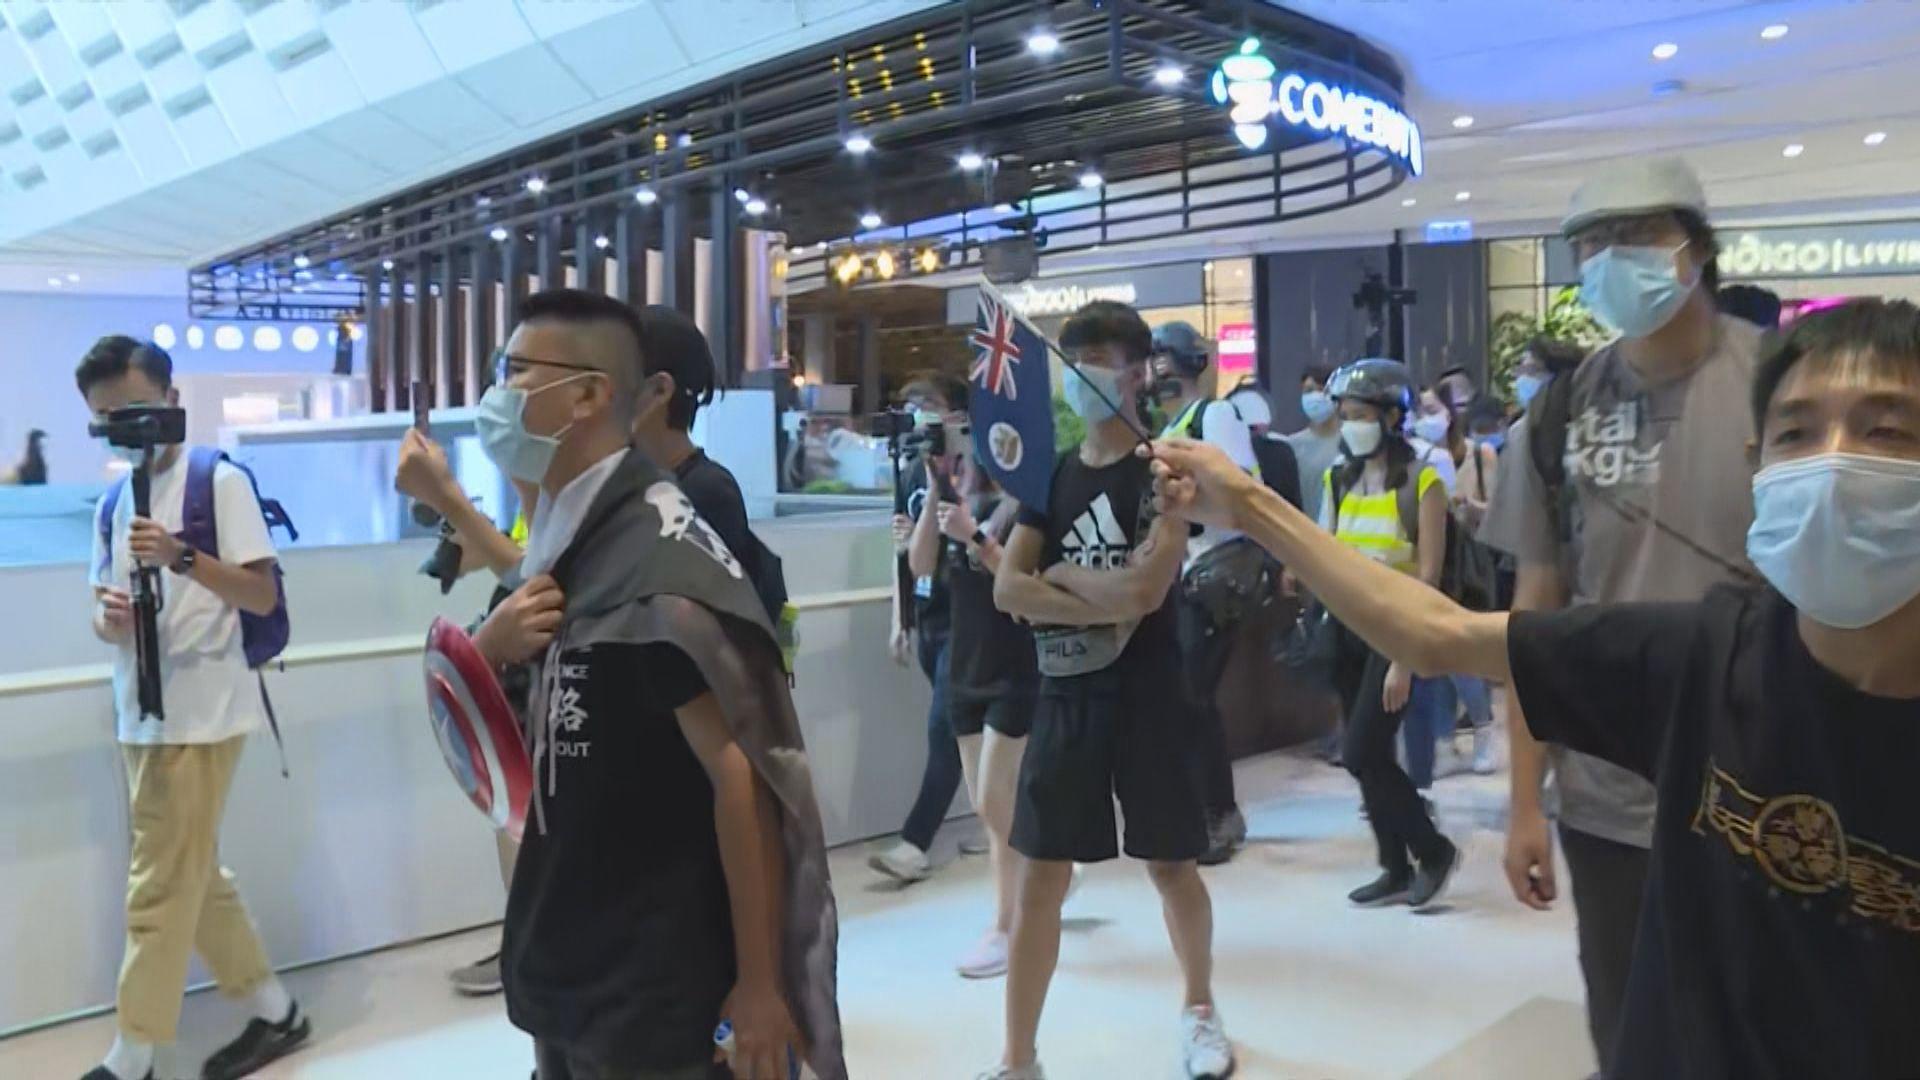 網民發起元朗形點商場閒逛 防暴警進入商場巡邏